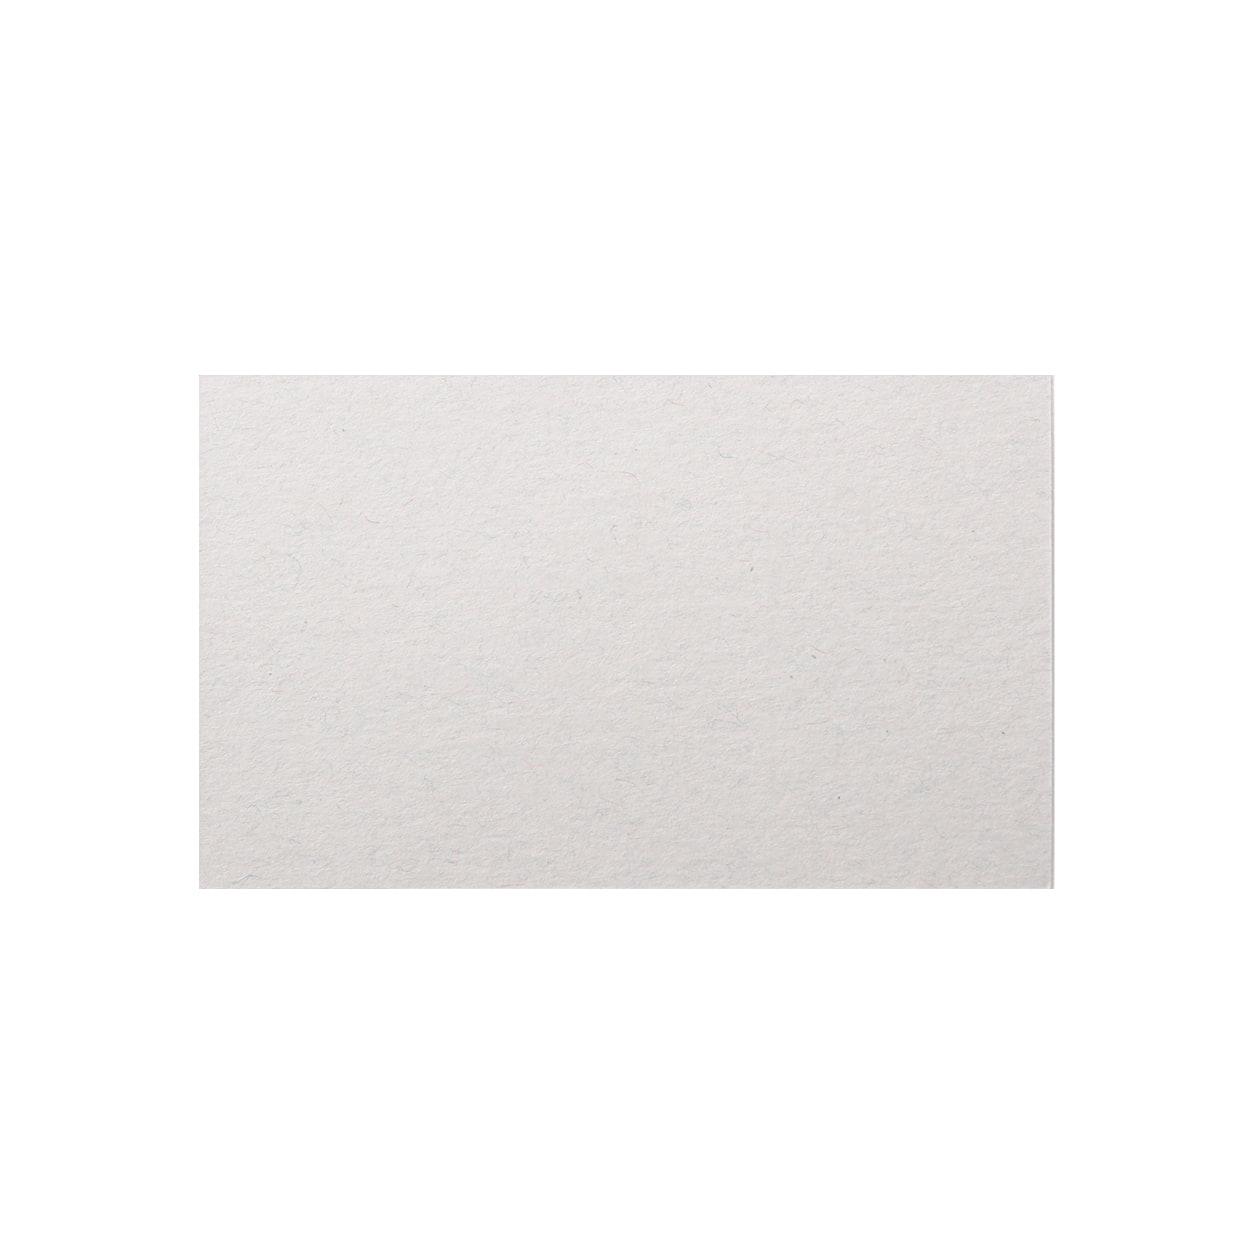 サンプル カード・シート 00415